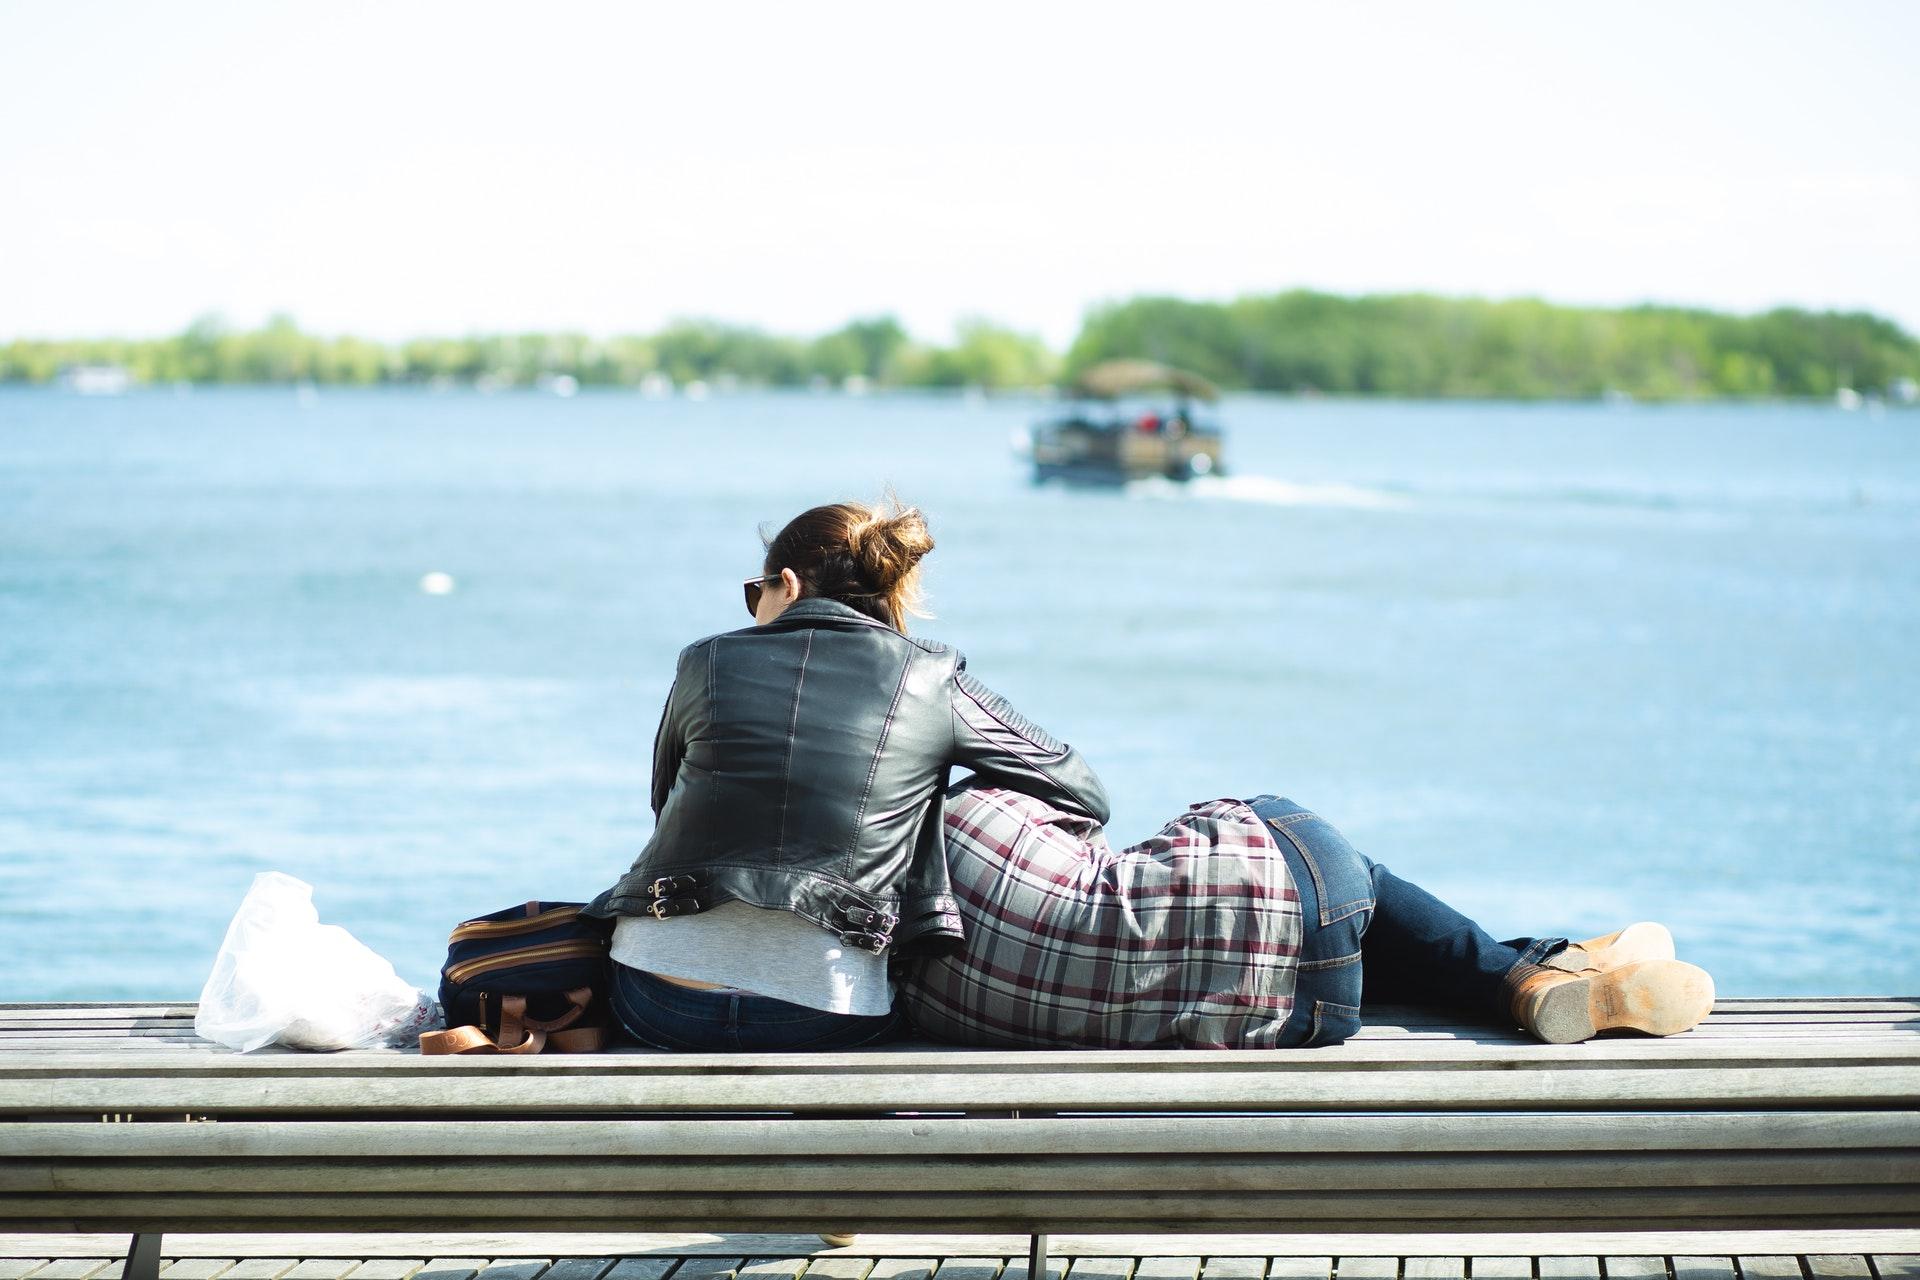 膝枕をするカップル